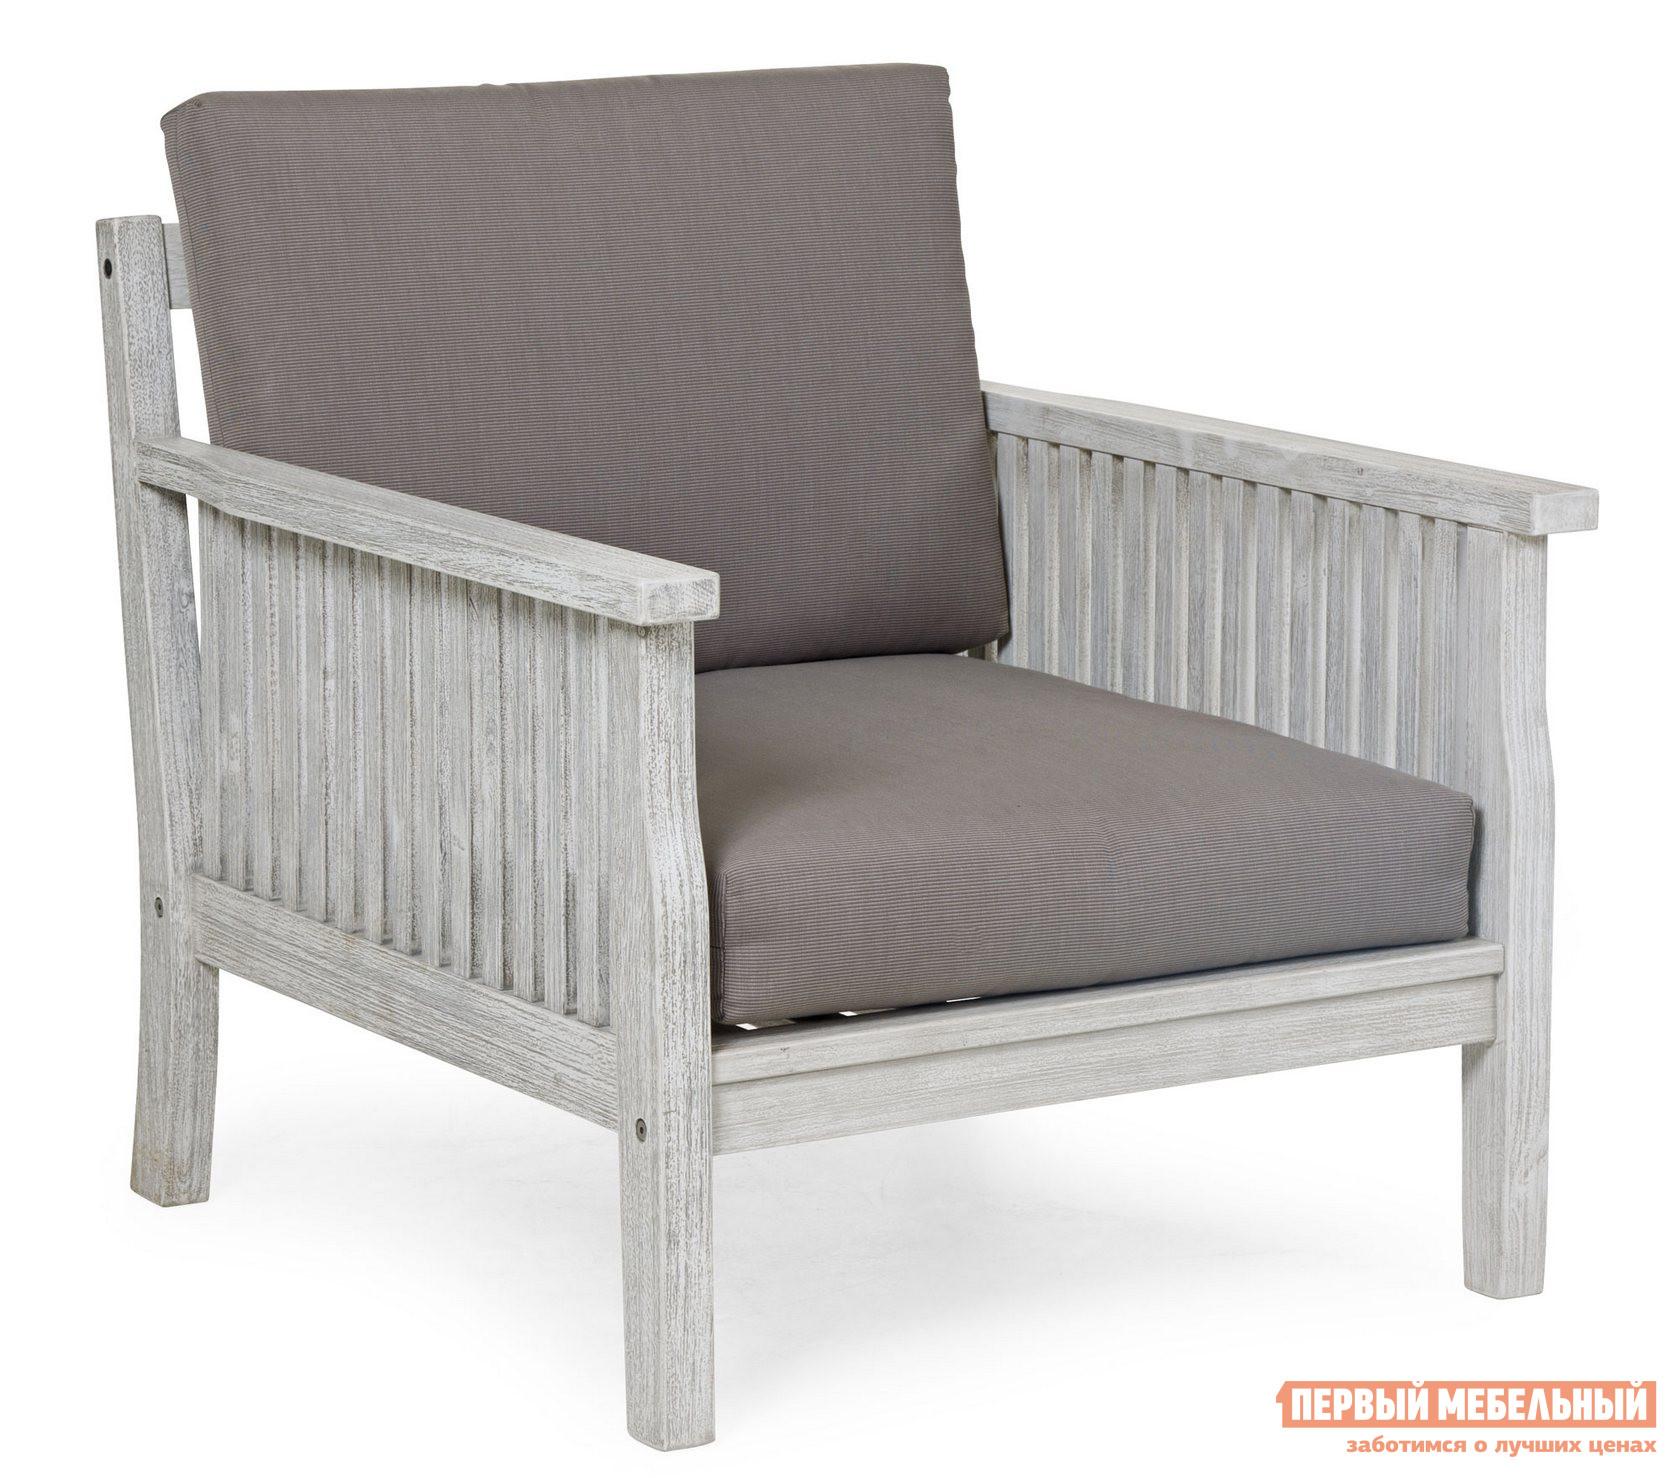 Дачное кресло Шведская линия 10881-50-25 шезлонг шведская линия 710091 dani sun